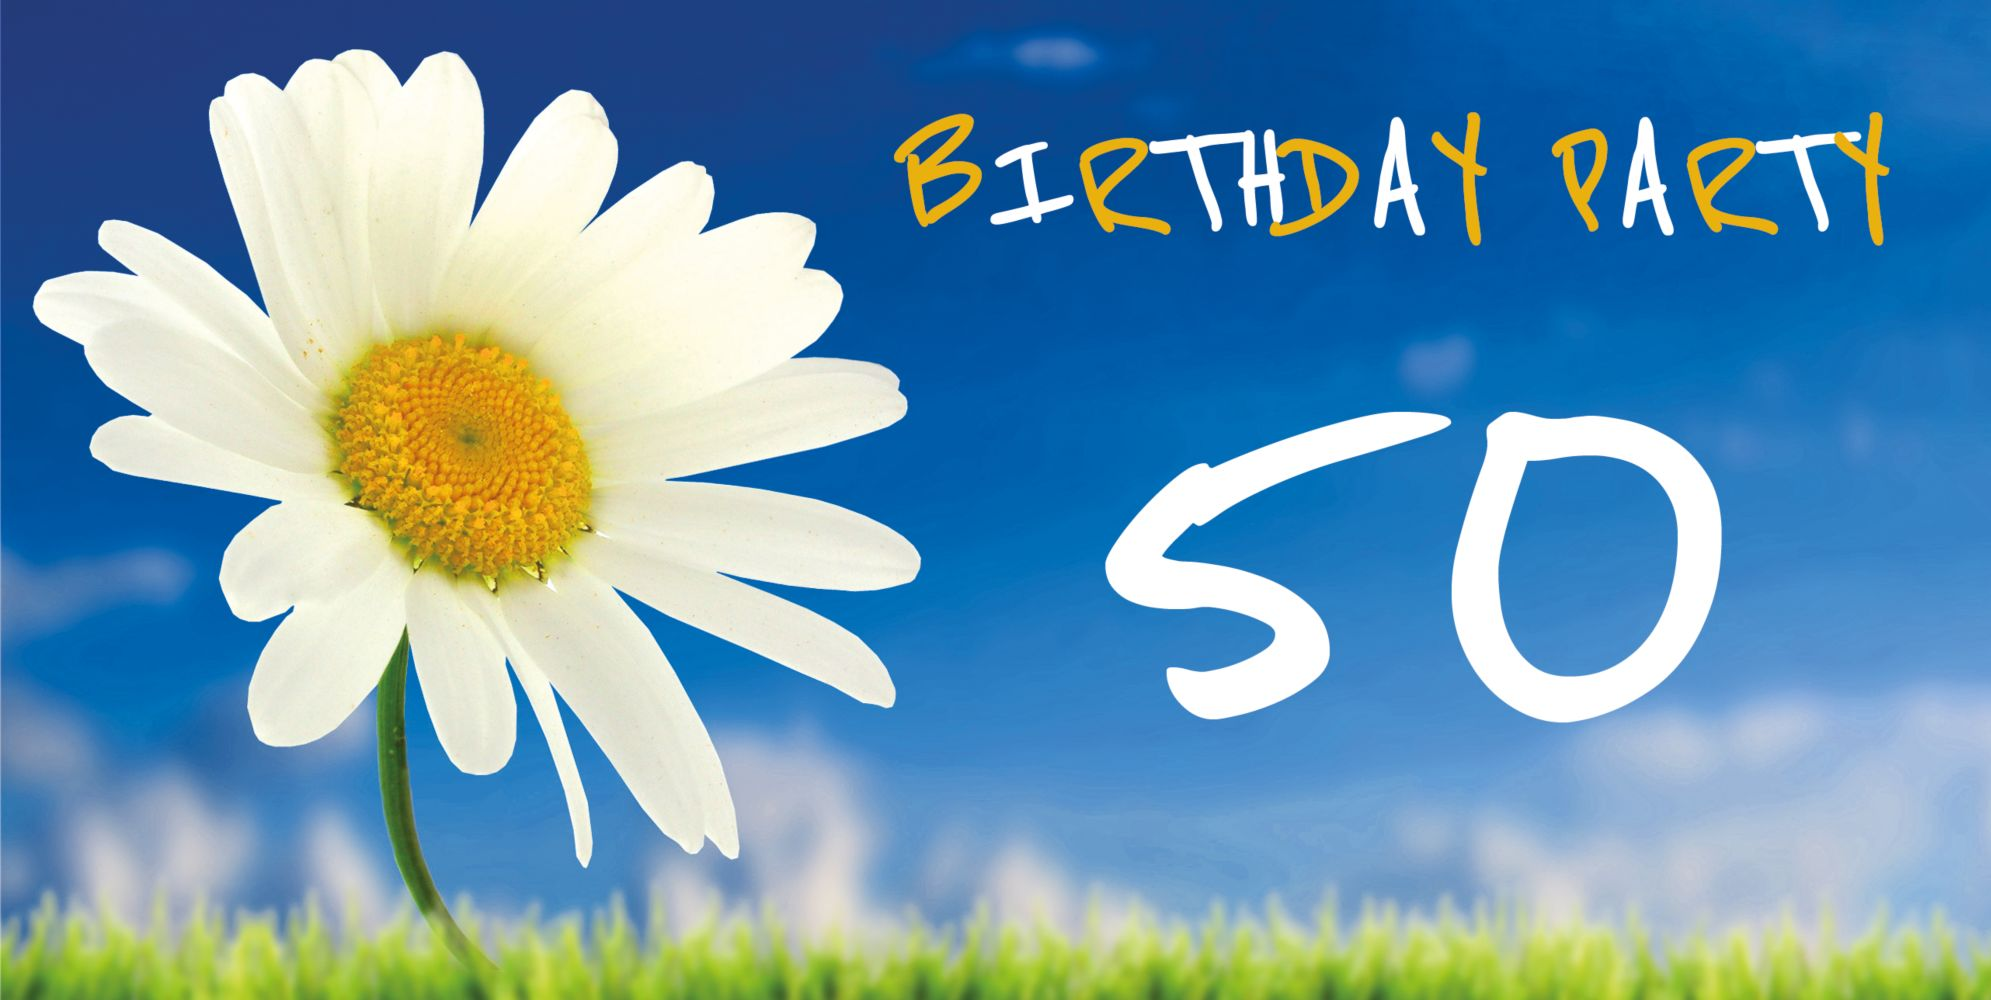 Ansicht 3 - Geburtstagseinladung Lebensfreude 50 Foto